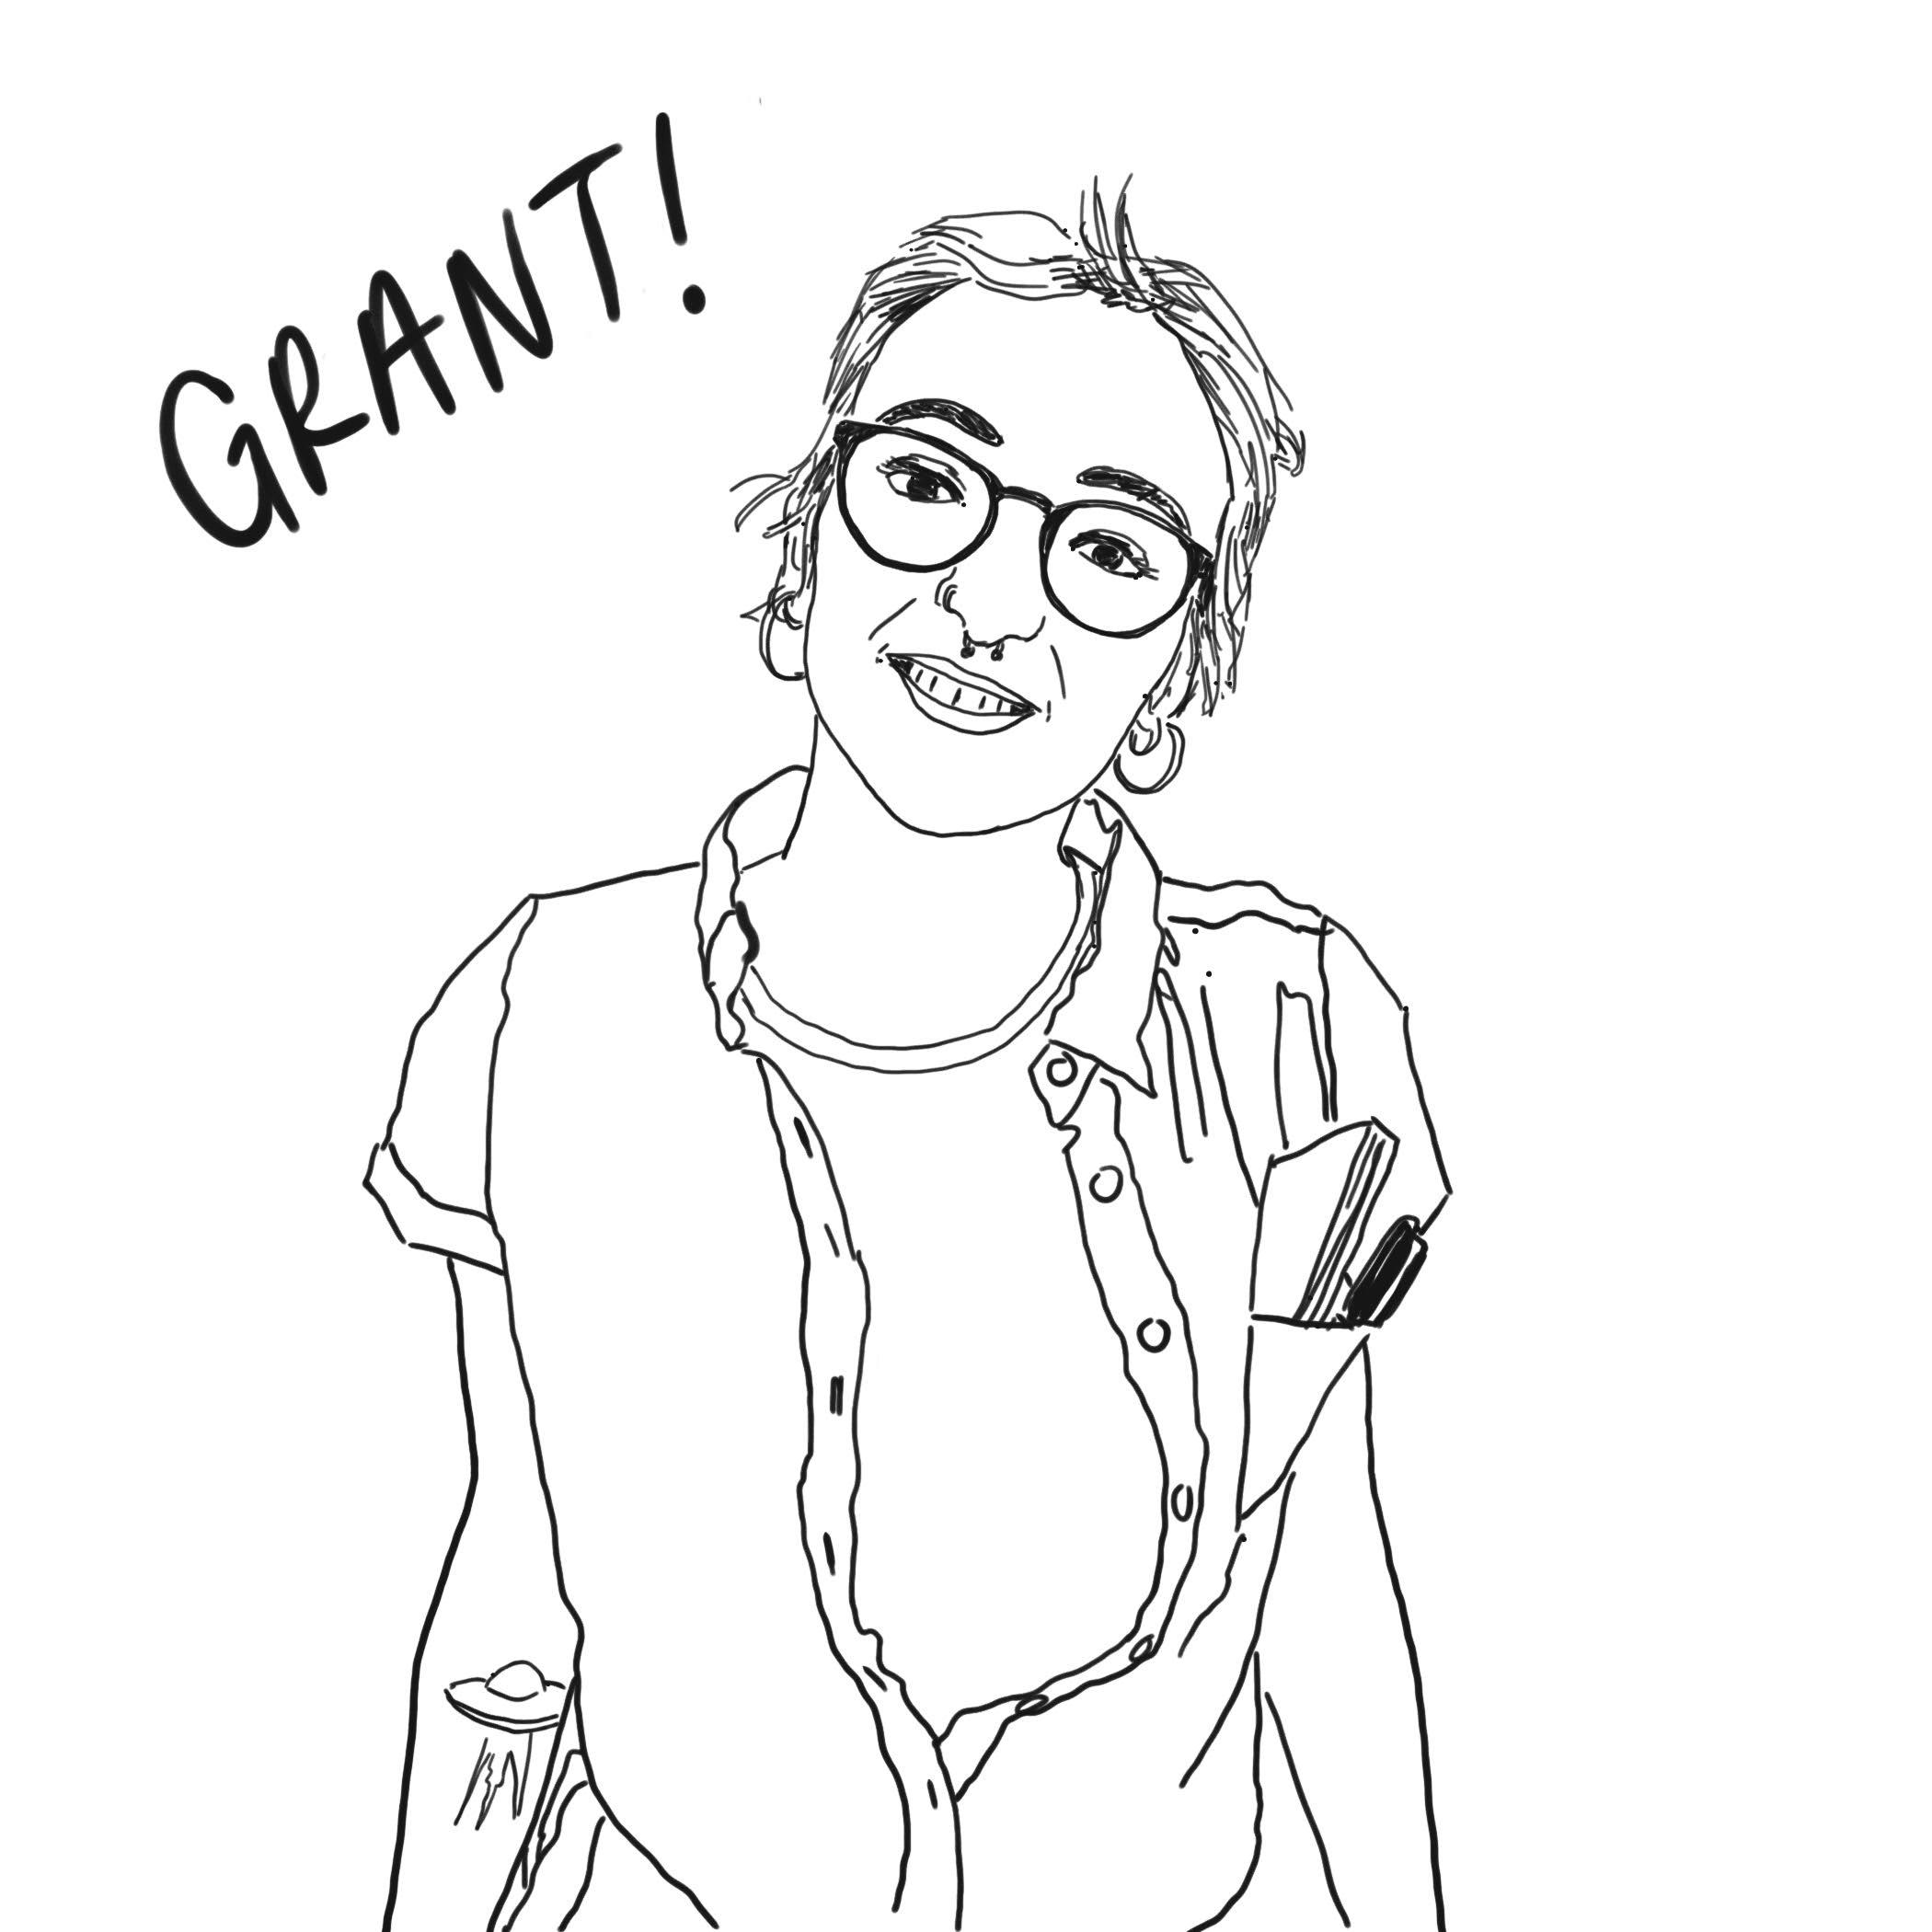 Server - Grant Huggins